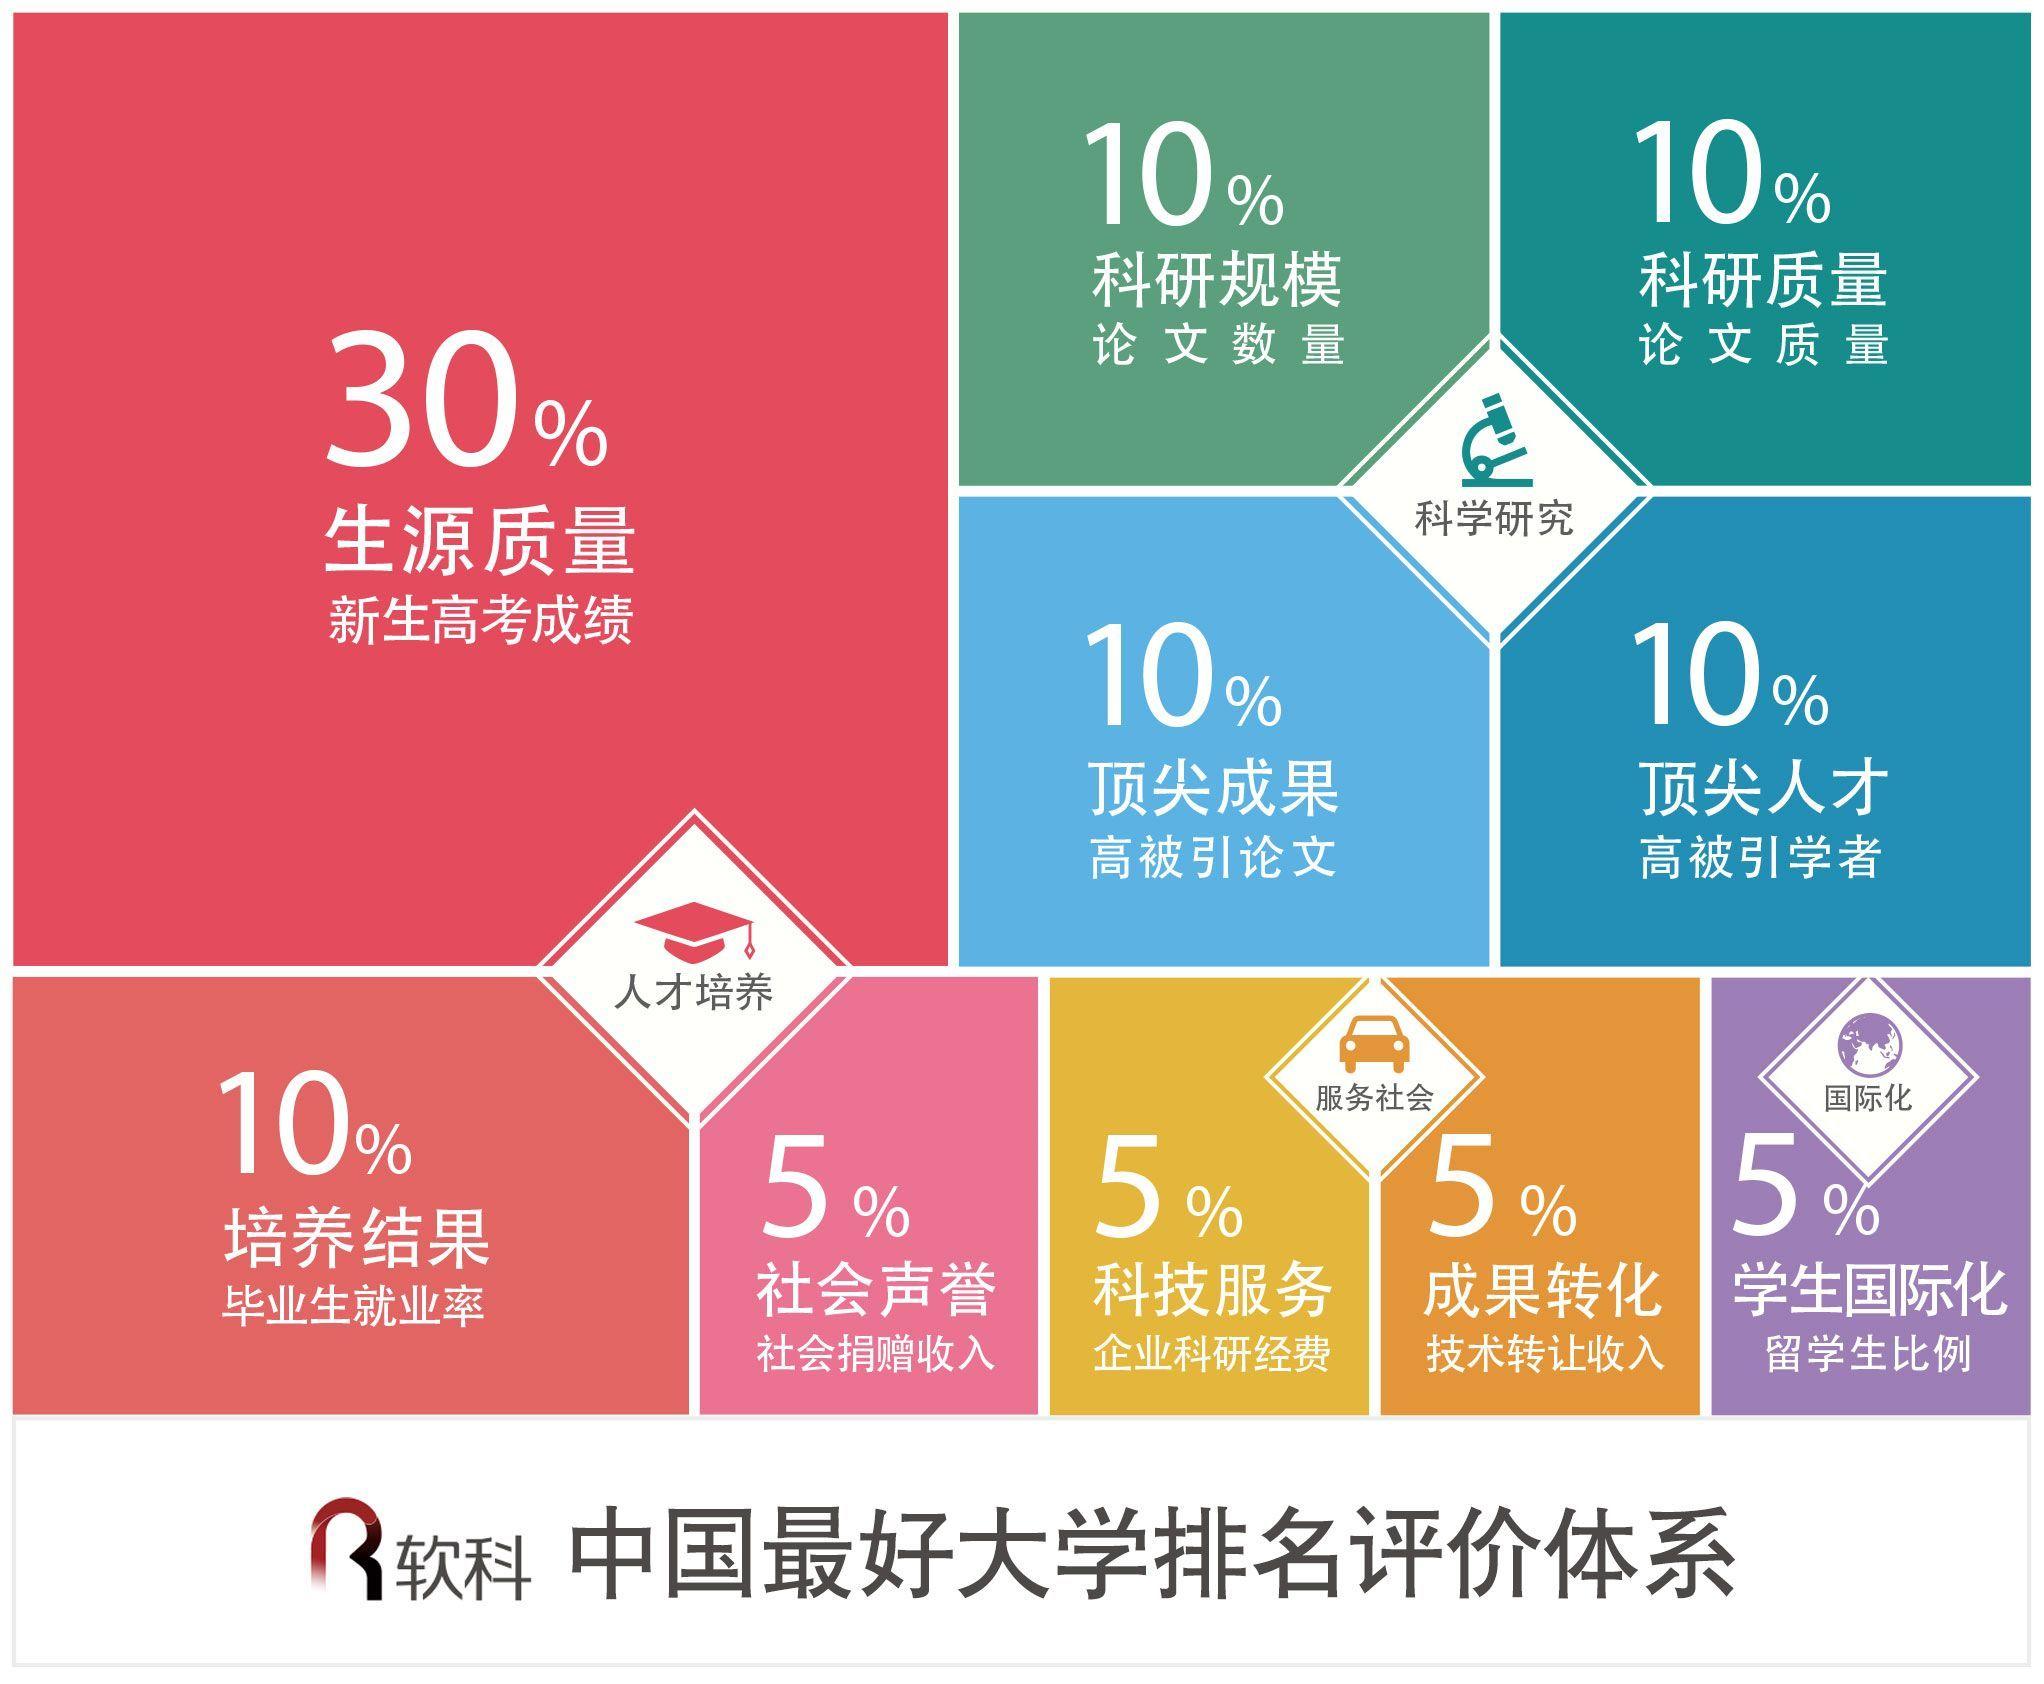 2018中国最好大学排名方法